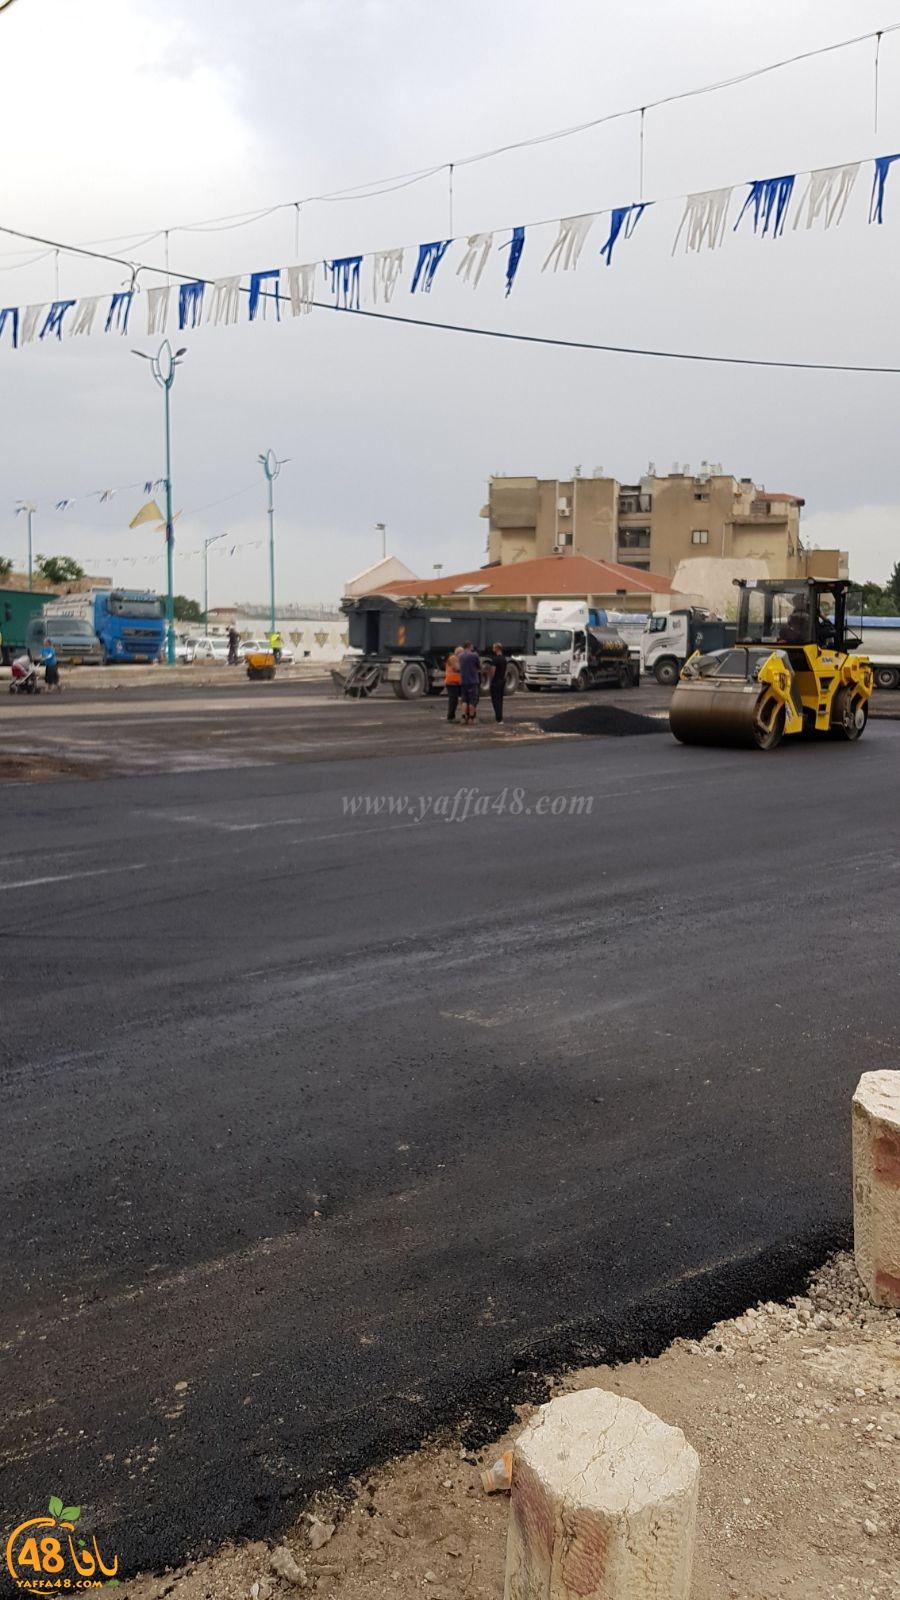 اتمام ترميم ساحة المسجد العمري في اللد لأداء الصلوات في رمضان وعيد الفطر